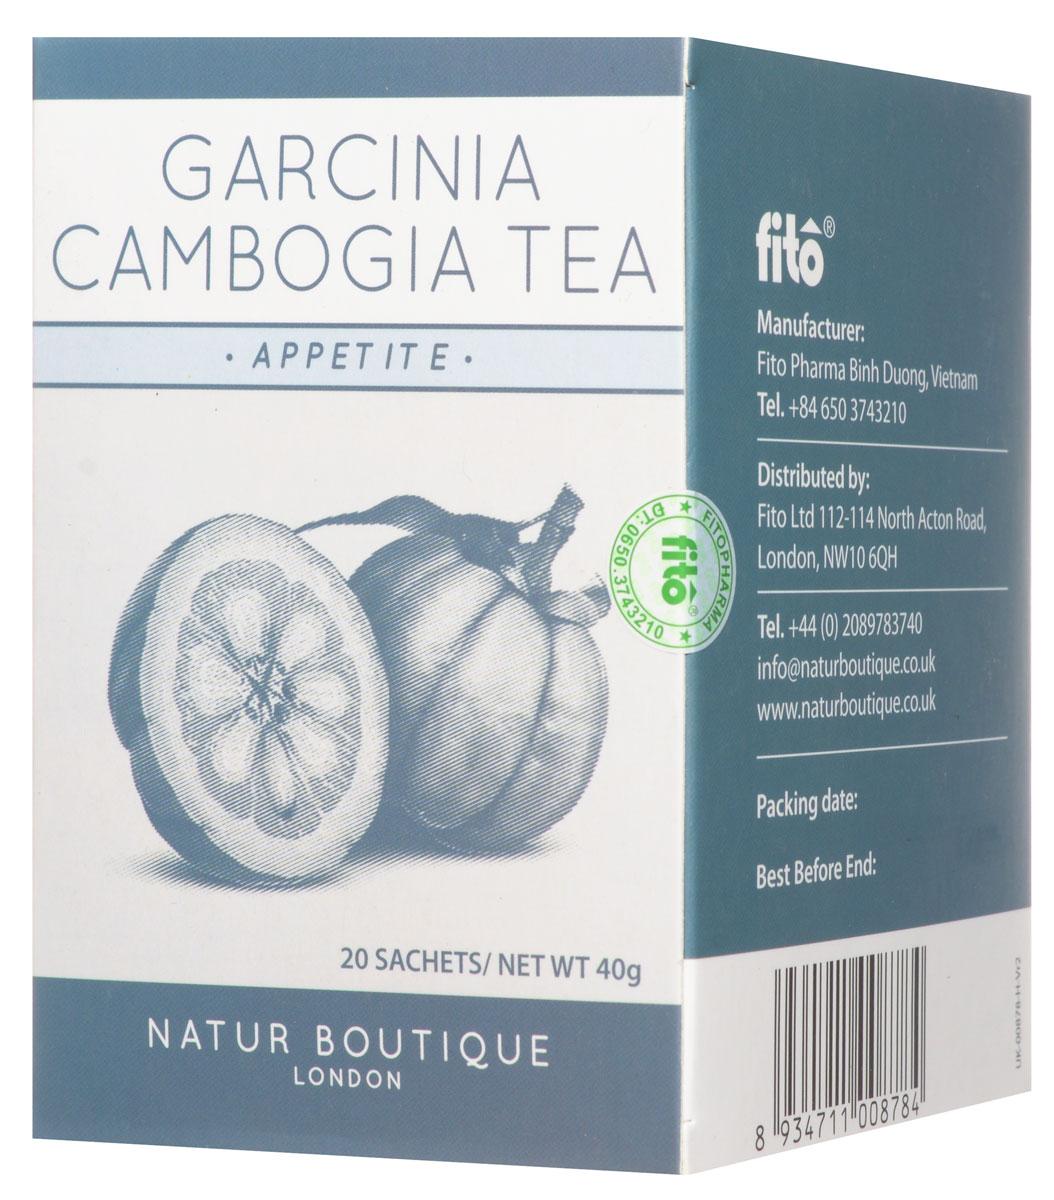 Natur Boutique Garcinia Cambogia Organic Tea органический чай с гарцинией камбоджийской, 20 пакетиков258Гарциния камбоджийская - цитрус, который применяется для похудения и понижения аппетита. Чай Natur Boutique Garcinia Cambogia Organic Tea из гарцинии камбоджийской содержит особые вещества, которые препятствуют жировым отложениям. Употребление этого чая после еды препятствует скоплению излишков жира в организме.